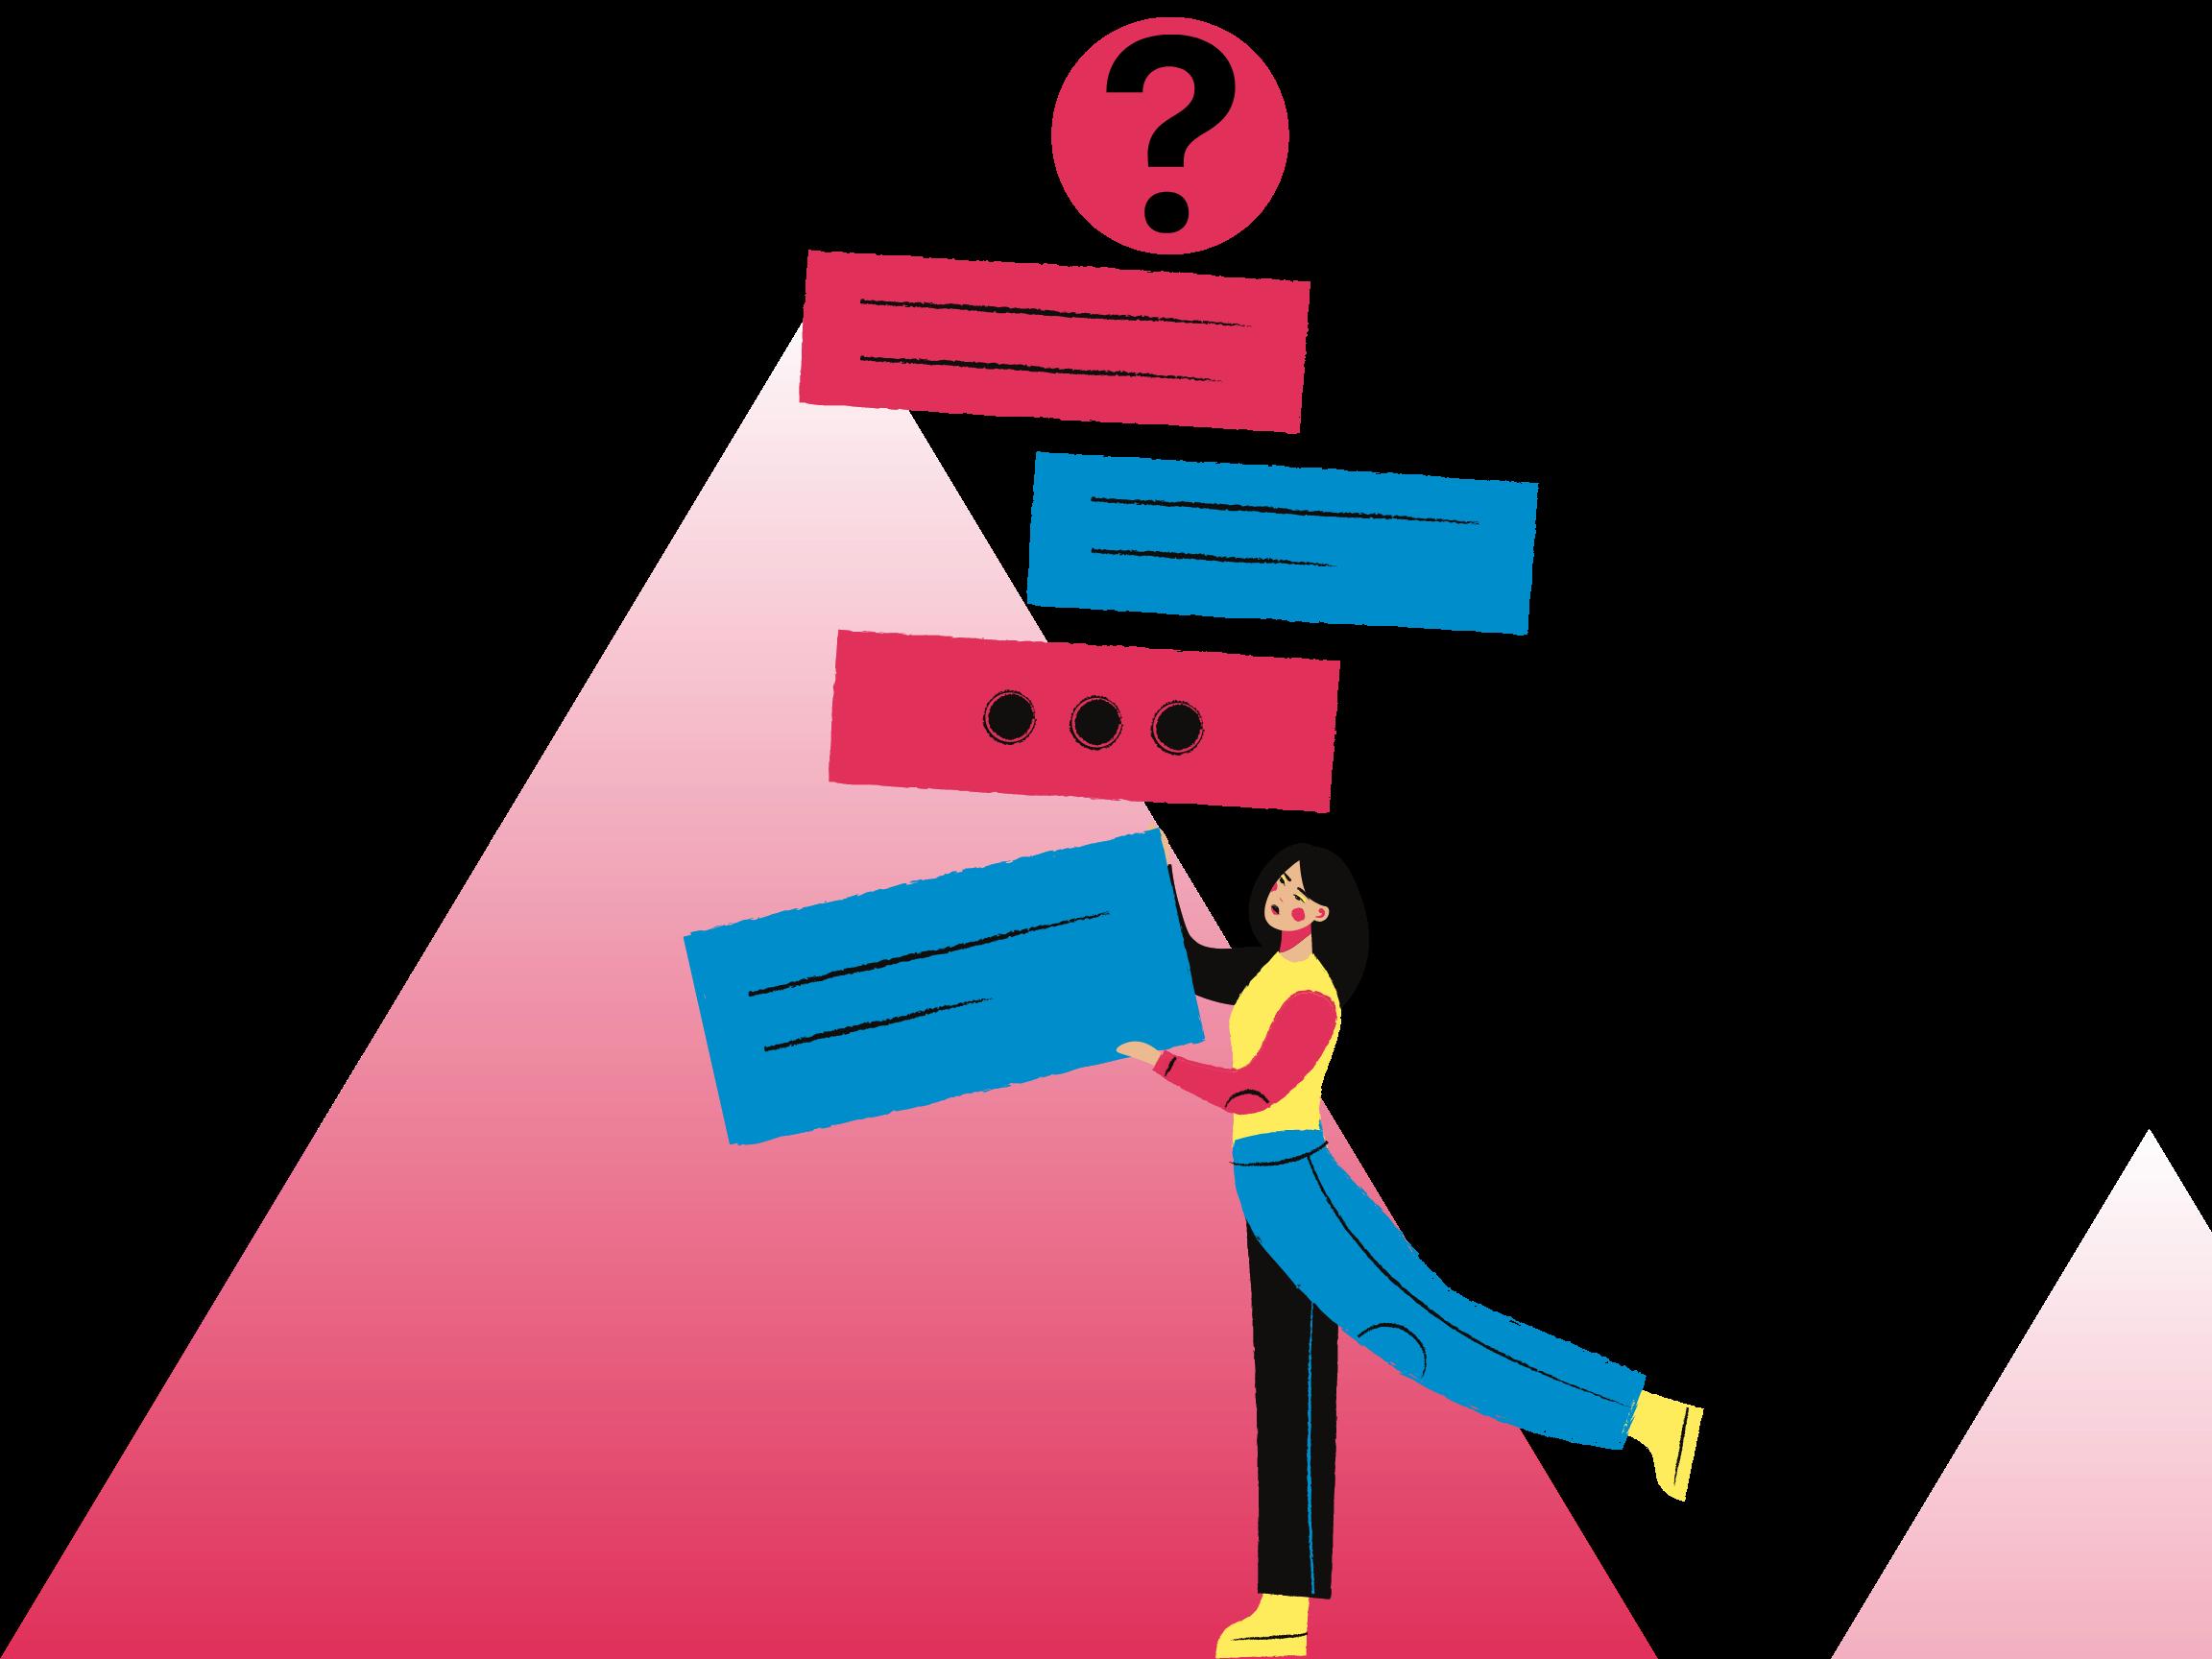 Eine Frau im Comicstil gezeichnet, balanciert mehrere Kästchen, auf denen mit Strichen und Punkten Texte angedeutet werden. Ganz oben auf den Kästchen befindet sich ein Kreis mit einem Fragezeichen. Man könnte es so deuten, als würde die Frau eine Menge Fragen mit sich tragen - gleichzeitig ist sie aber beschwingt und locker.